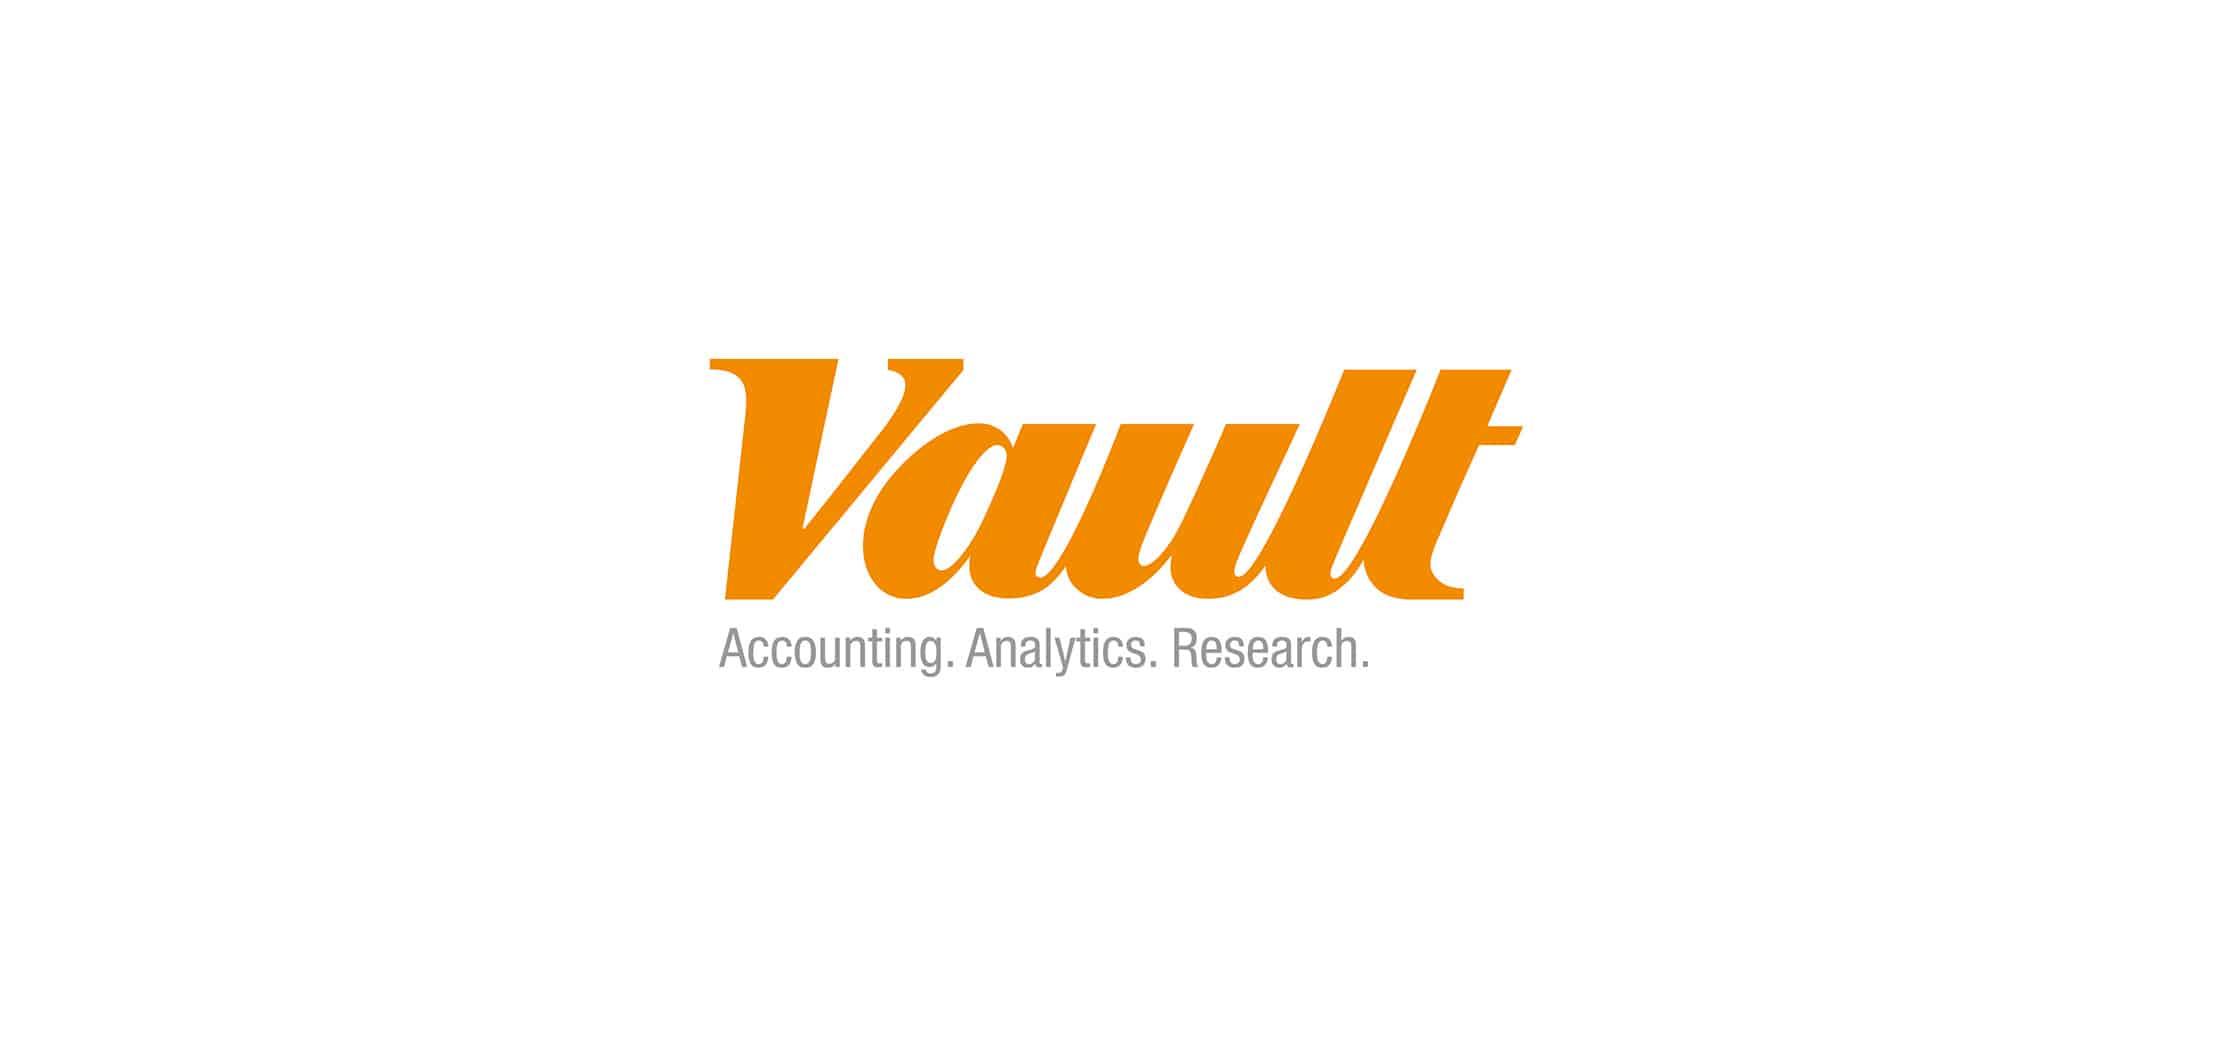 vault-logo-fullwidth